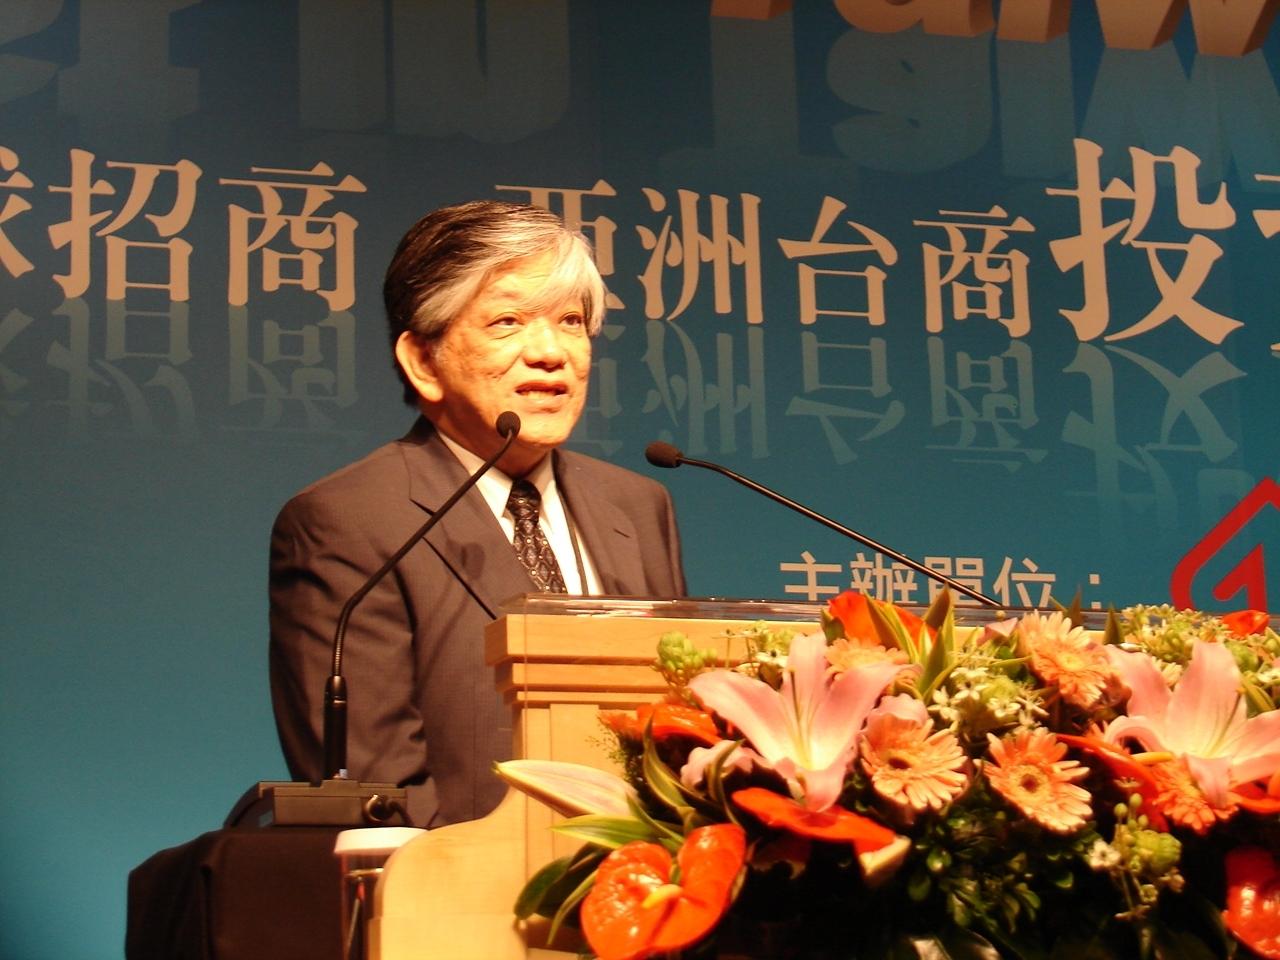 義美聯電董事長高志明表示,義美聯電整合數位影音多媒體方面,已經領先全世界,歡迎台商回來洽談合作。(記者Jimi Liao攝影)